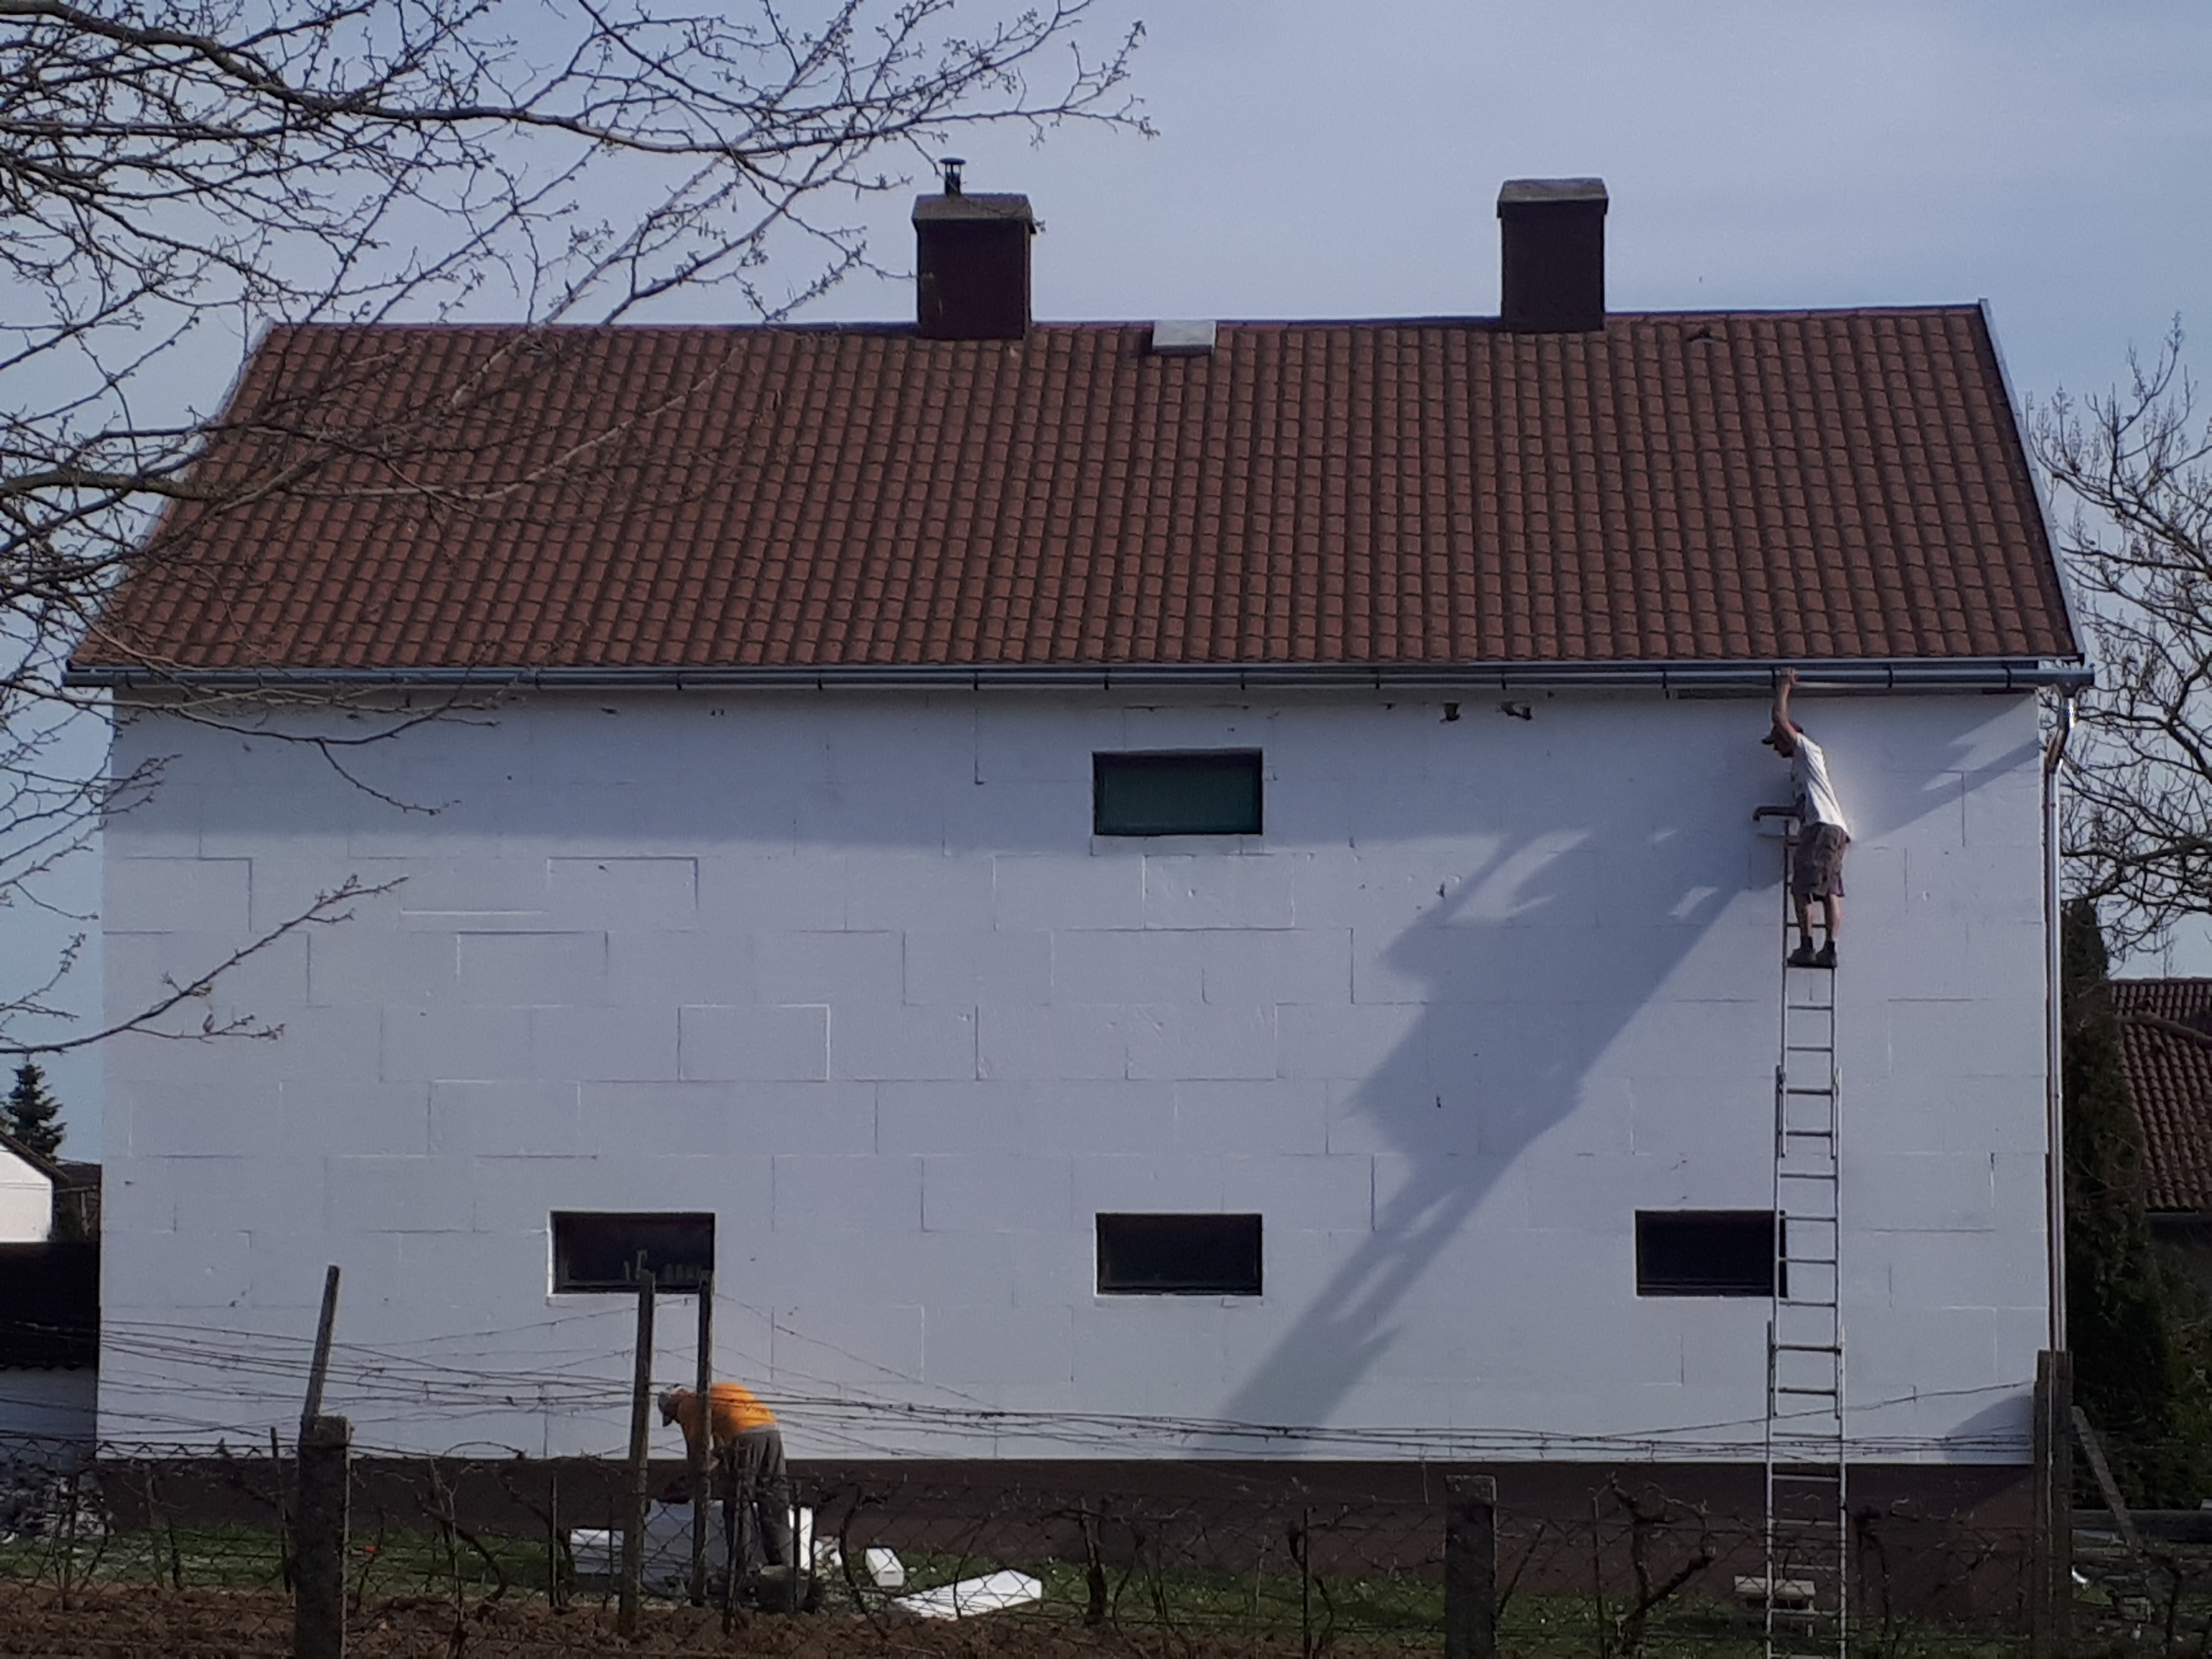 Palatető felújítás Egyházasdengeleg, palatető szigetelés EgyházasdengelegCsaládi ház palatető felújítása